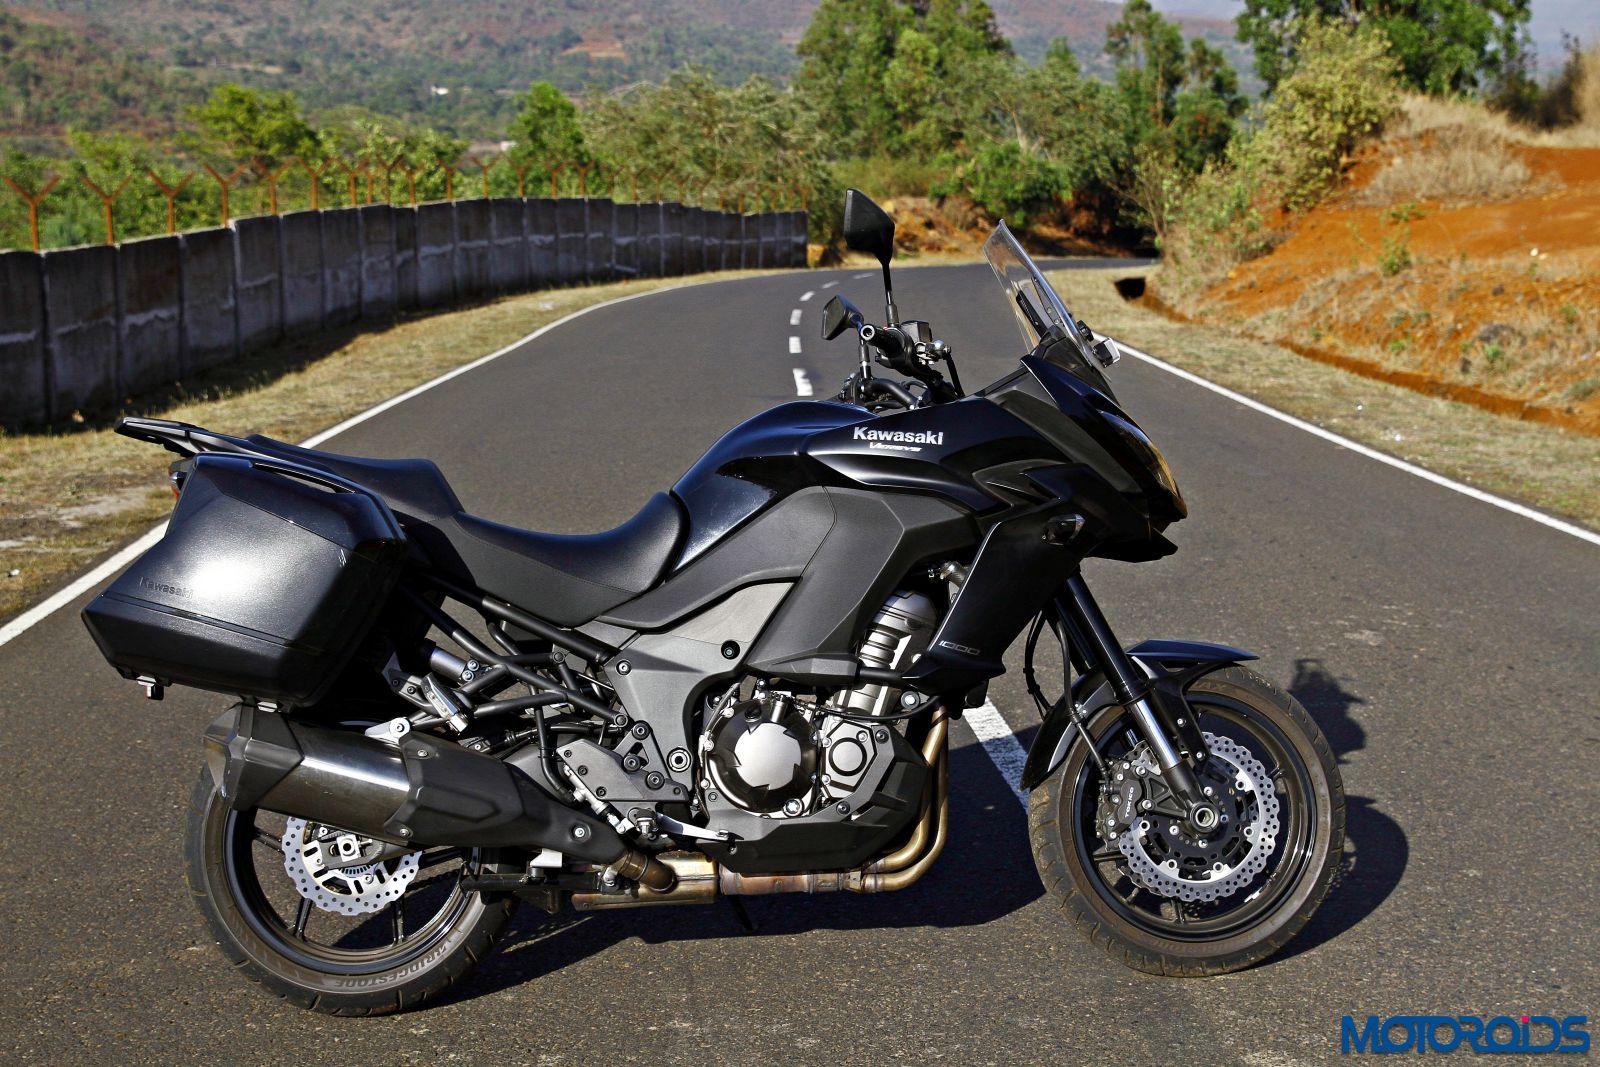 2015 Kawasaki Versys 1000 right side view